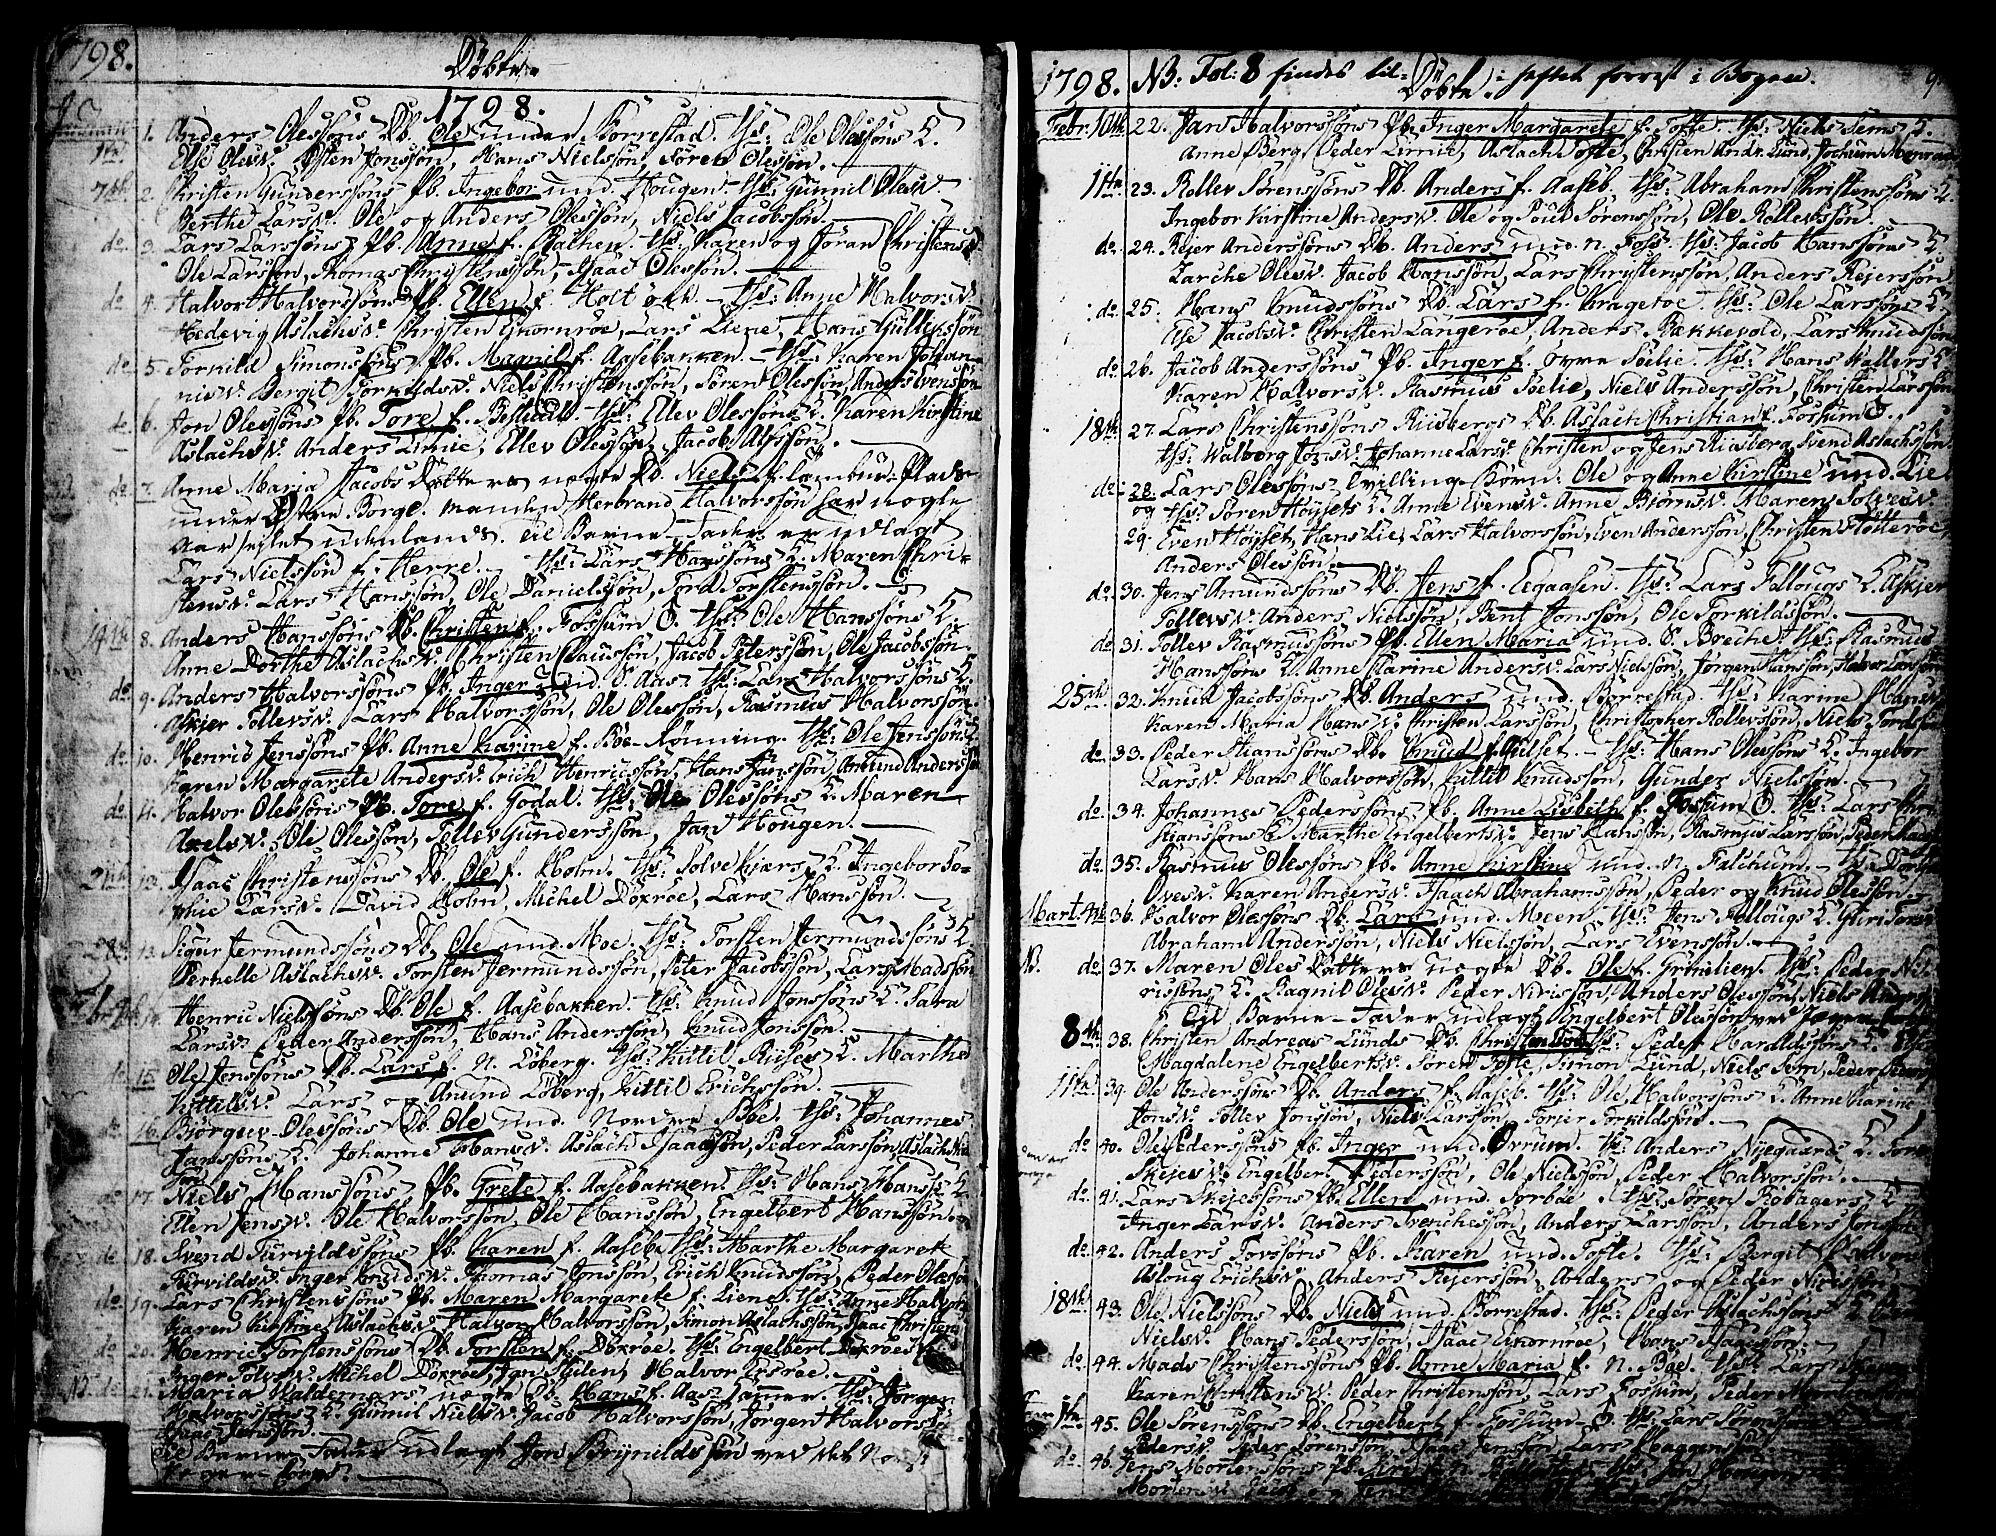 SAKO, Gjerpen kirkebøker, F/Fa/L0003: Ministerialbok nr. 3, 1796-1814, s. 9